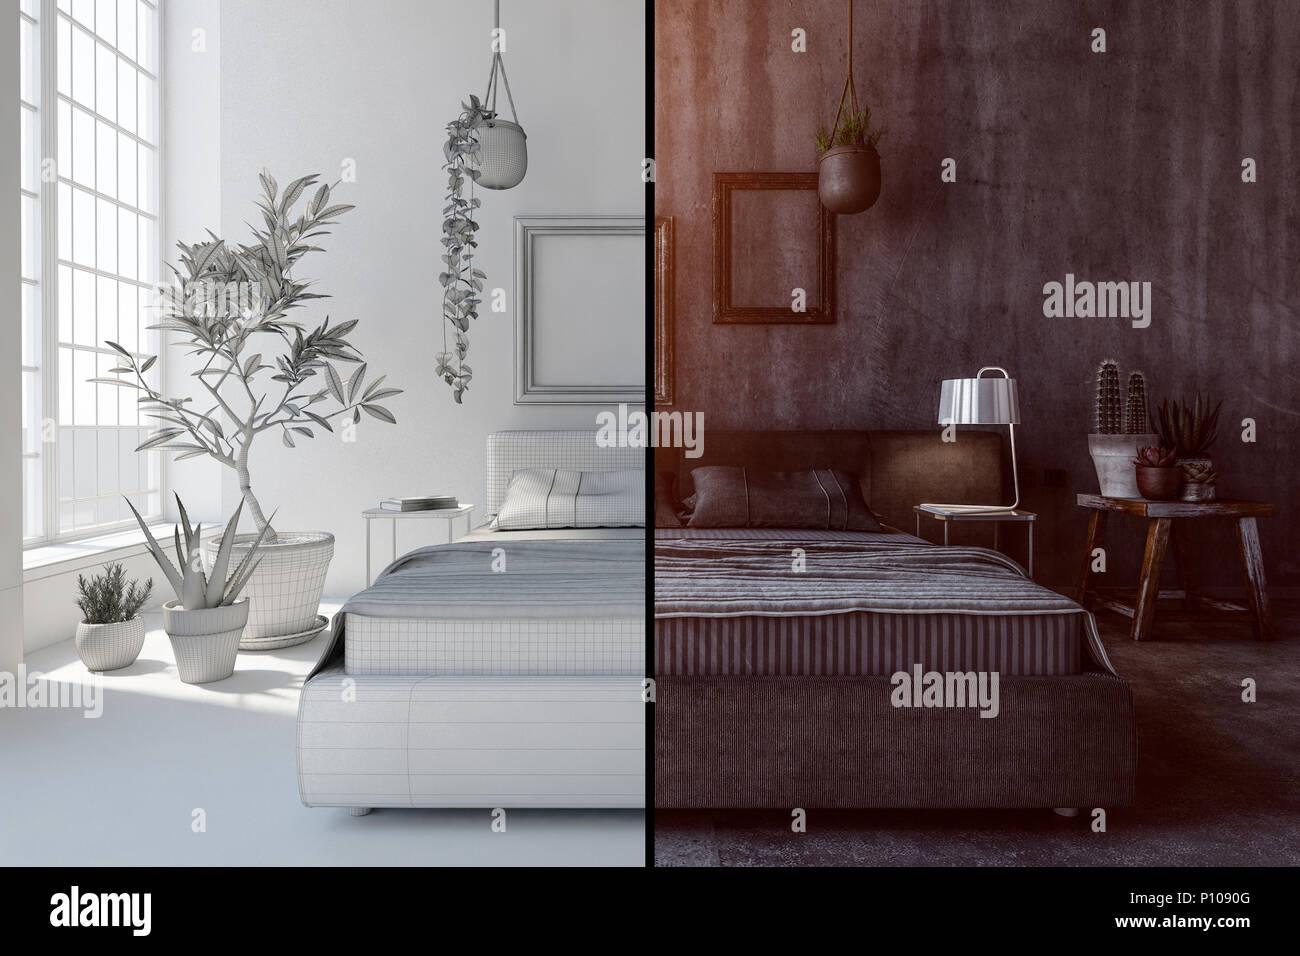 Pianta Camera Da Letto Matrimoniale : Camera da letto concetto interno con chiaro e scuro varietà di